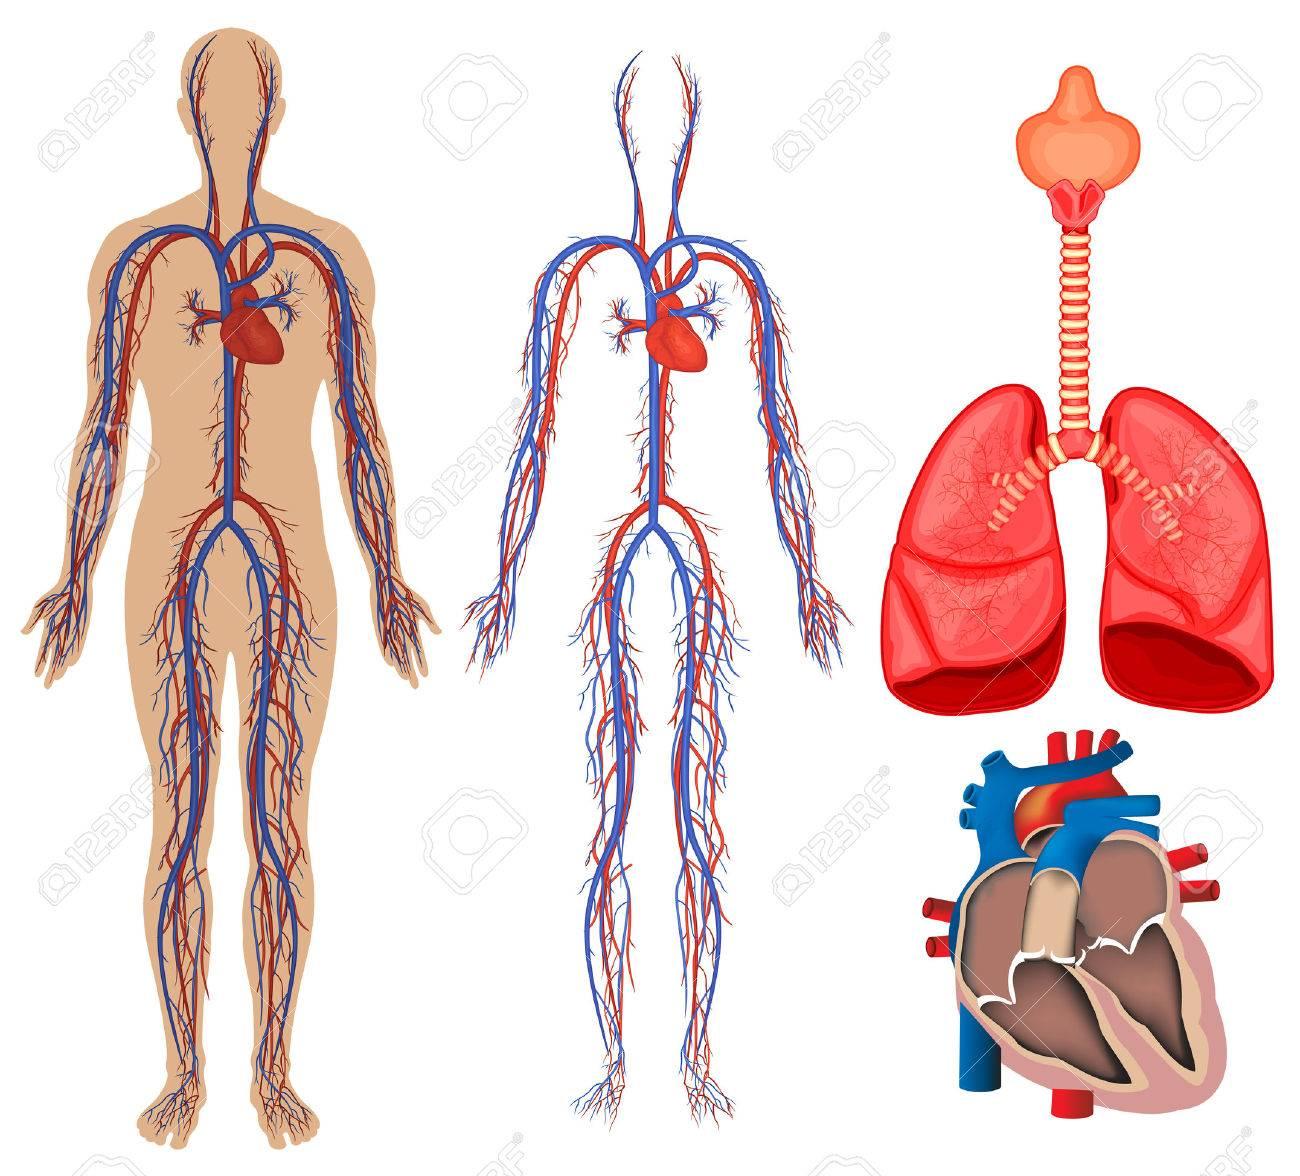 Atemberaubend Sehnen Im Menschlichen Körper Ideen - Anatomie Ideen ...